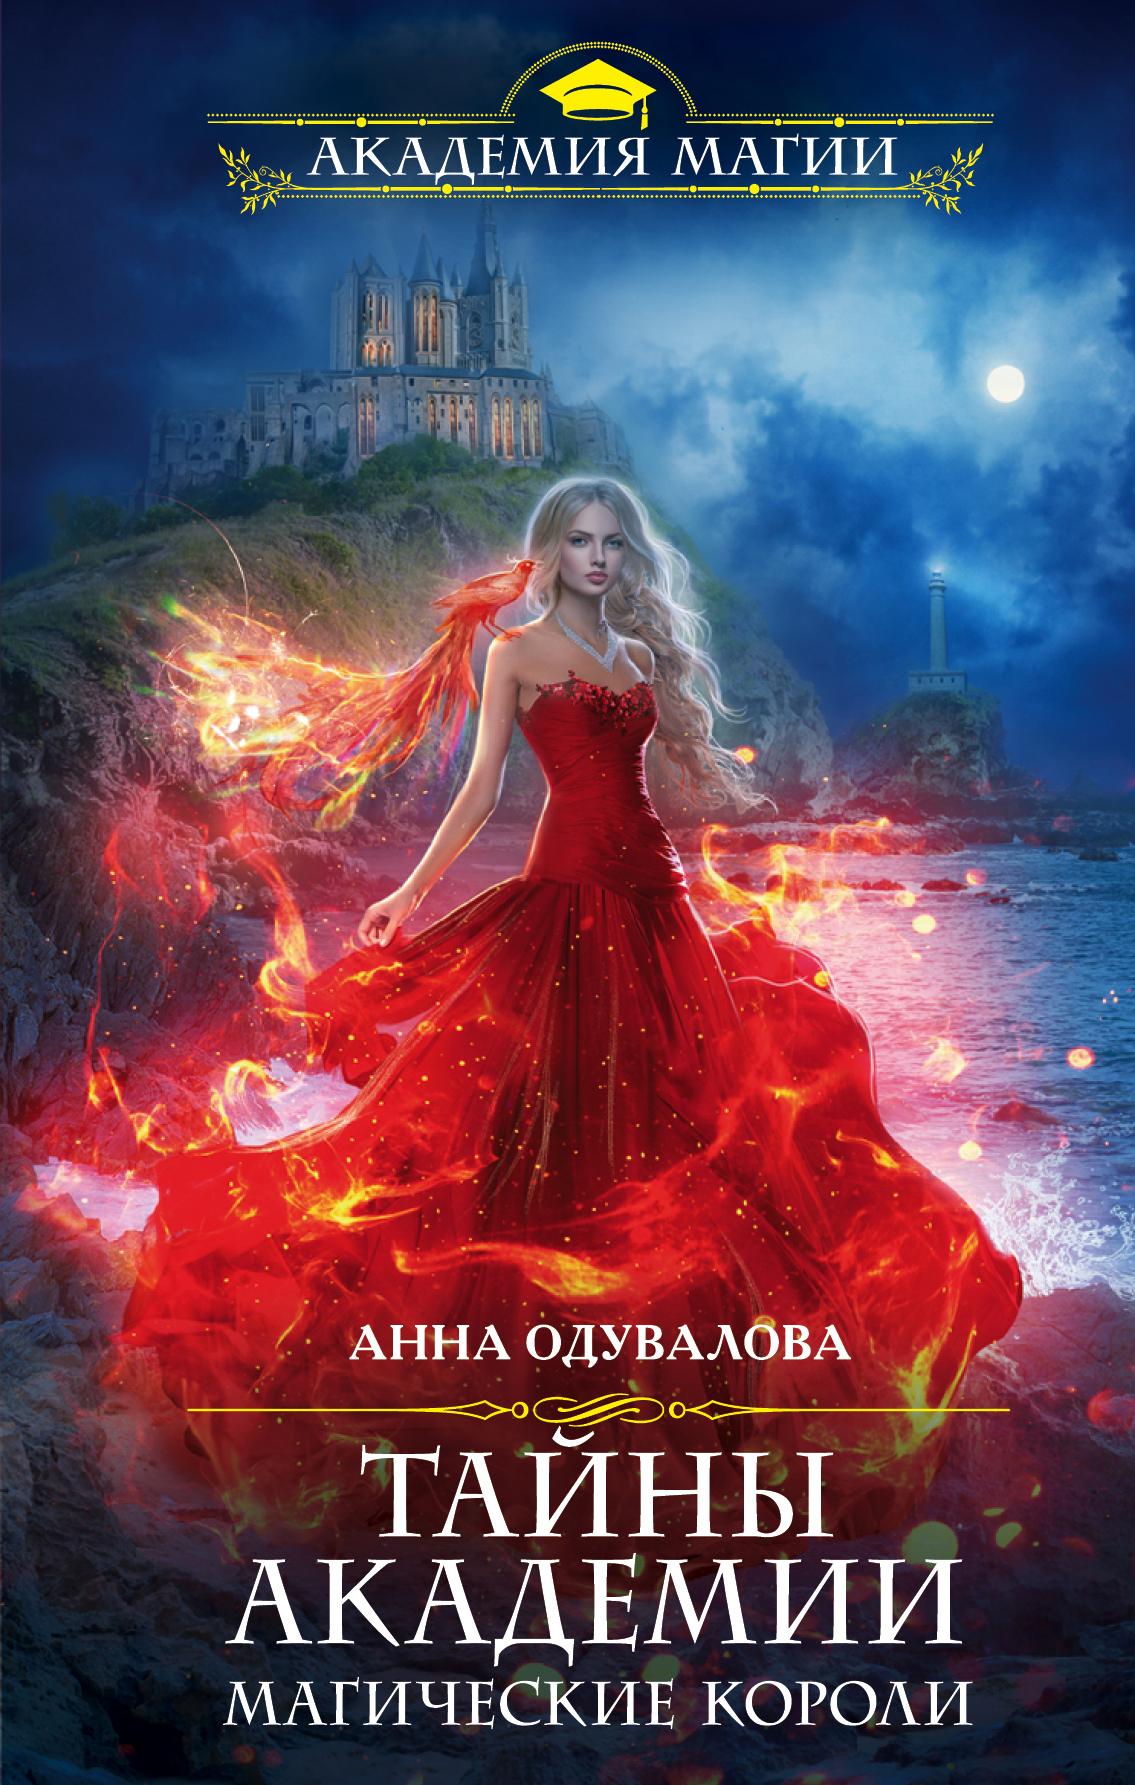 Анна Одувалова Тайны академии. Магические короли азимов а академия и империя